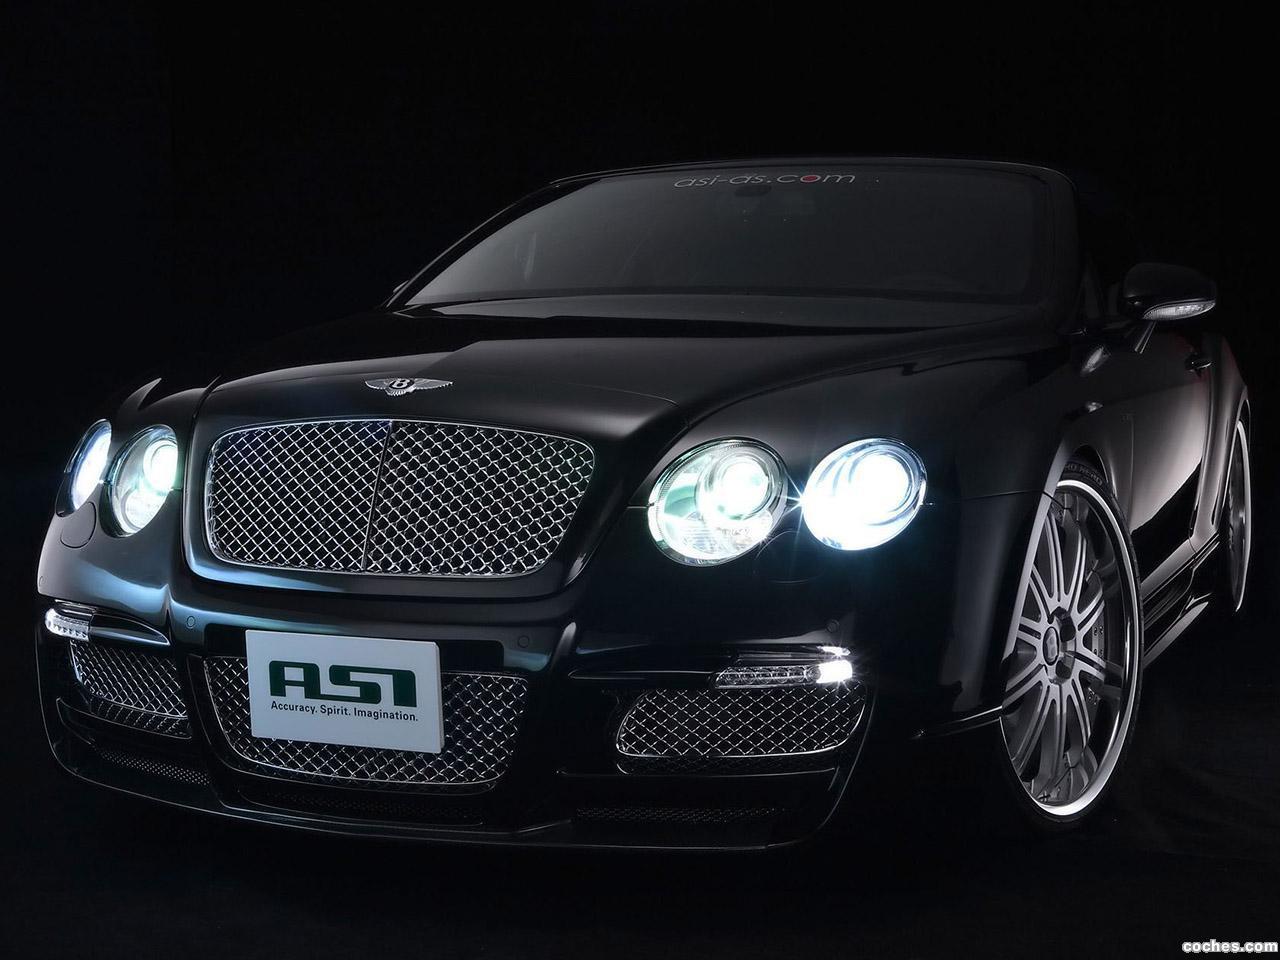 Foto 1 de ASI Bentley Continental GTC 2009